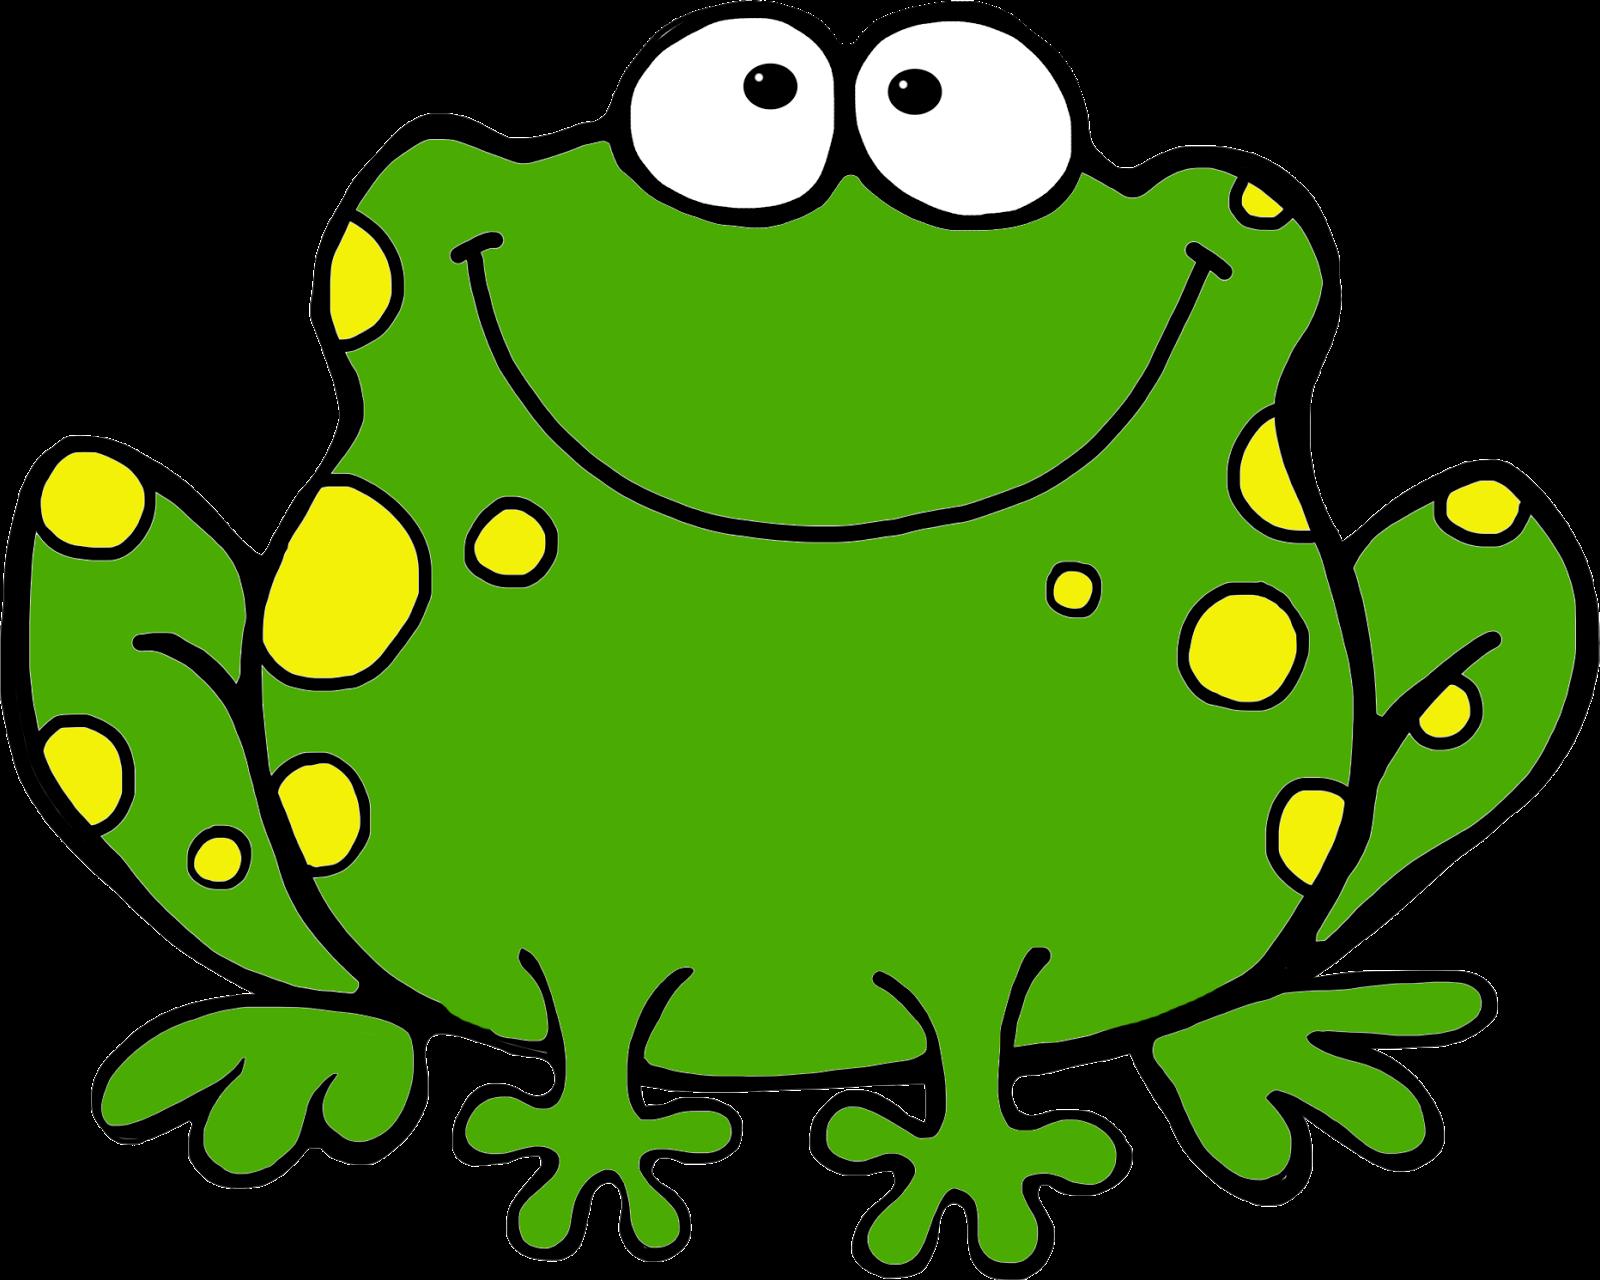 Green Frog clipart Clipart frog Vectors clipart frog